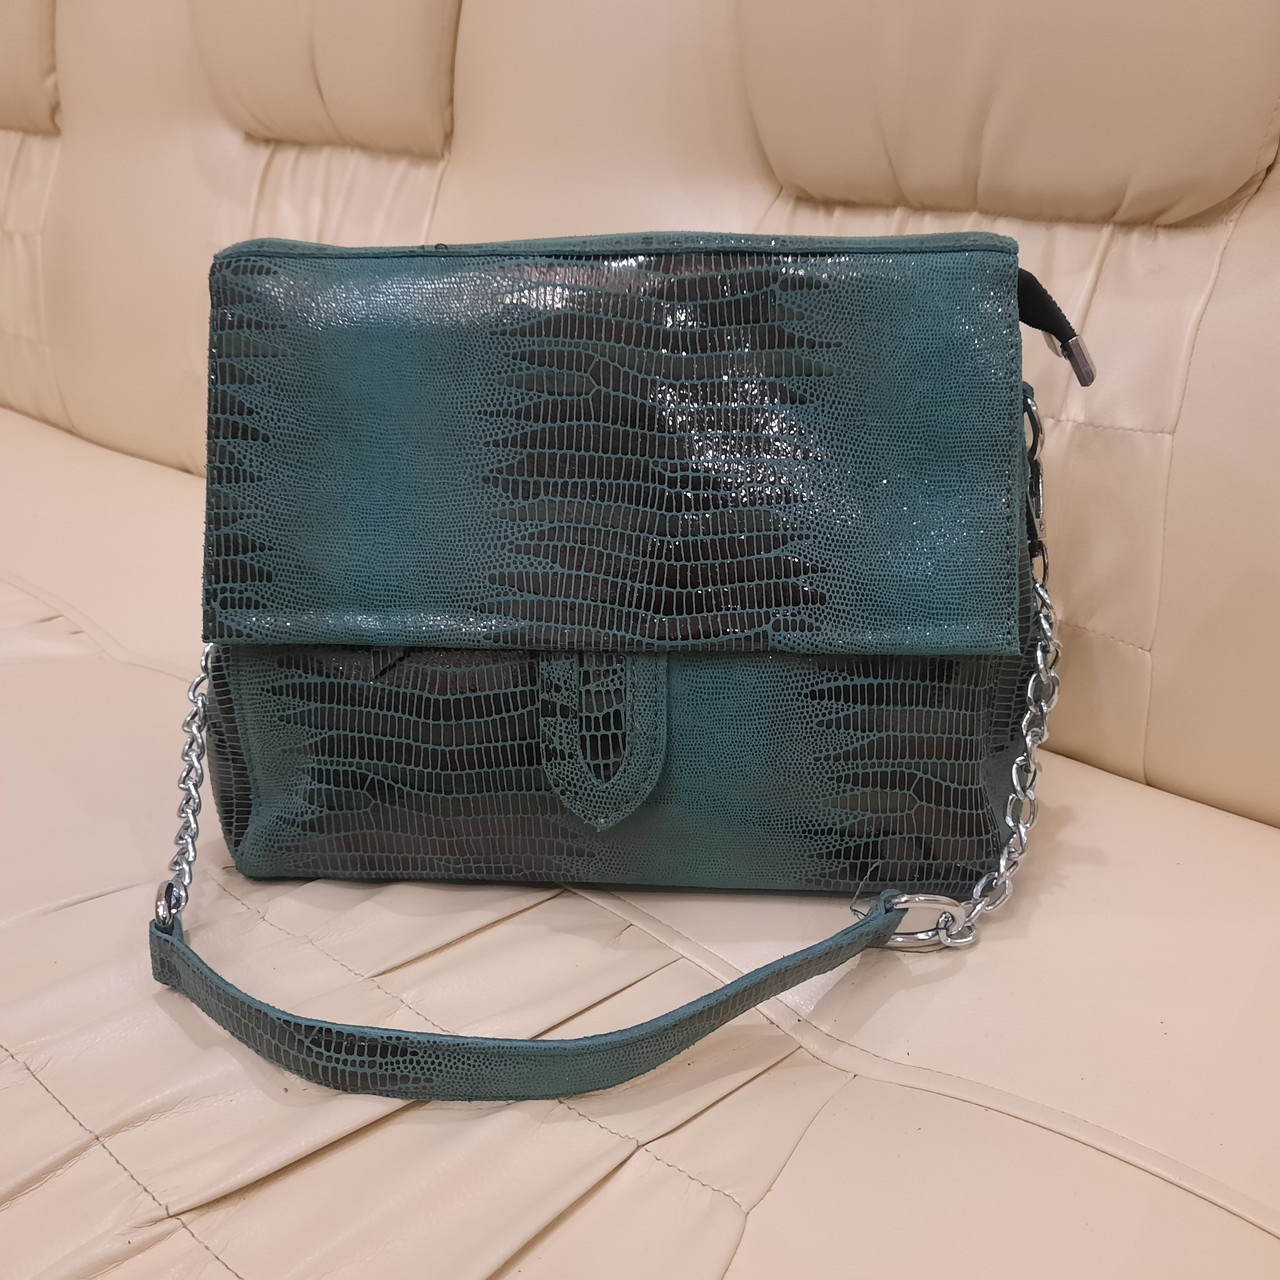 Городская женская сумочка Green из стильной лазерной натуральной кожи